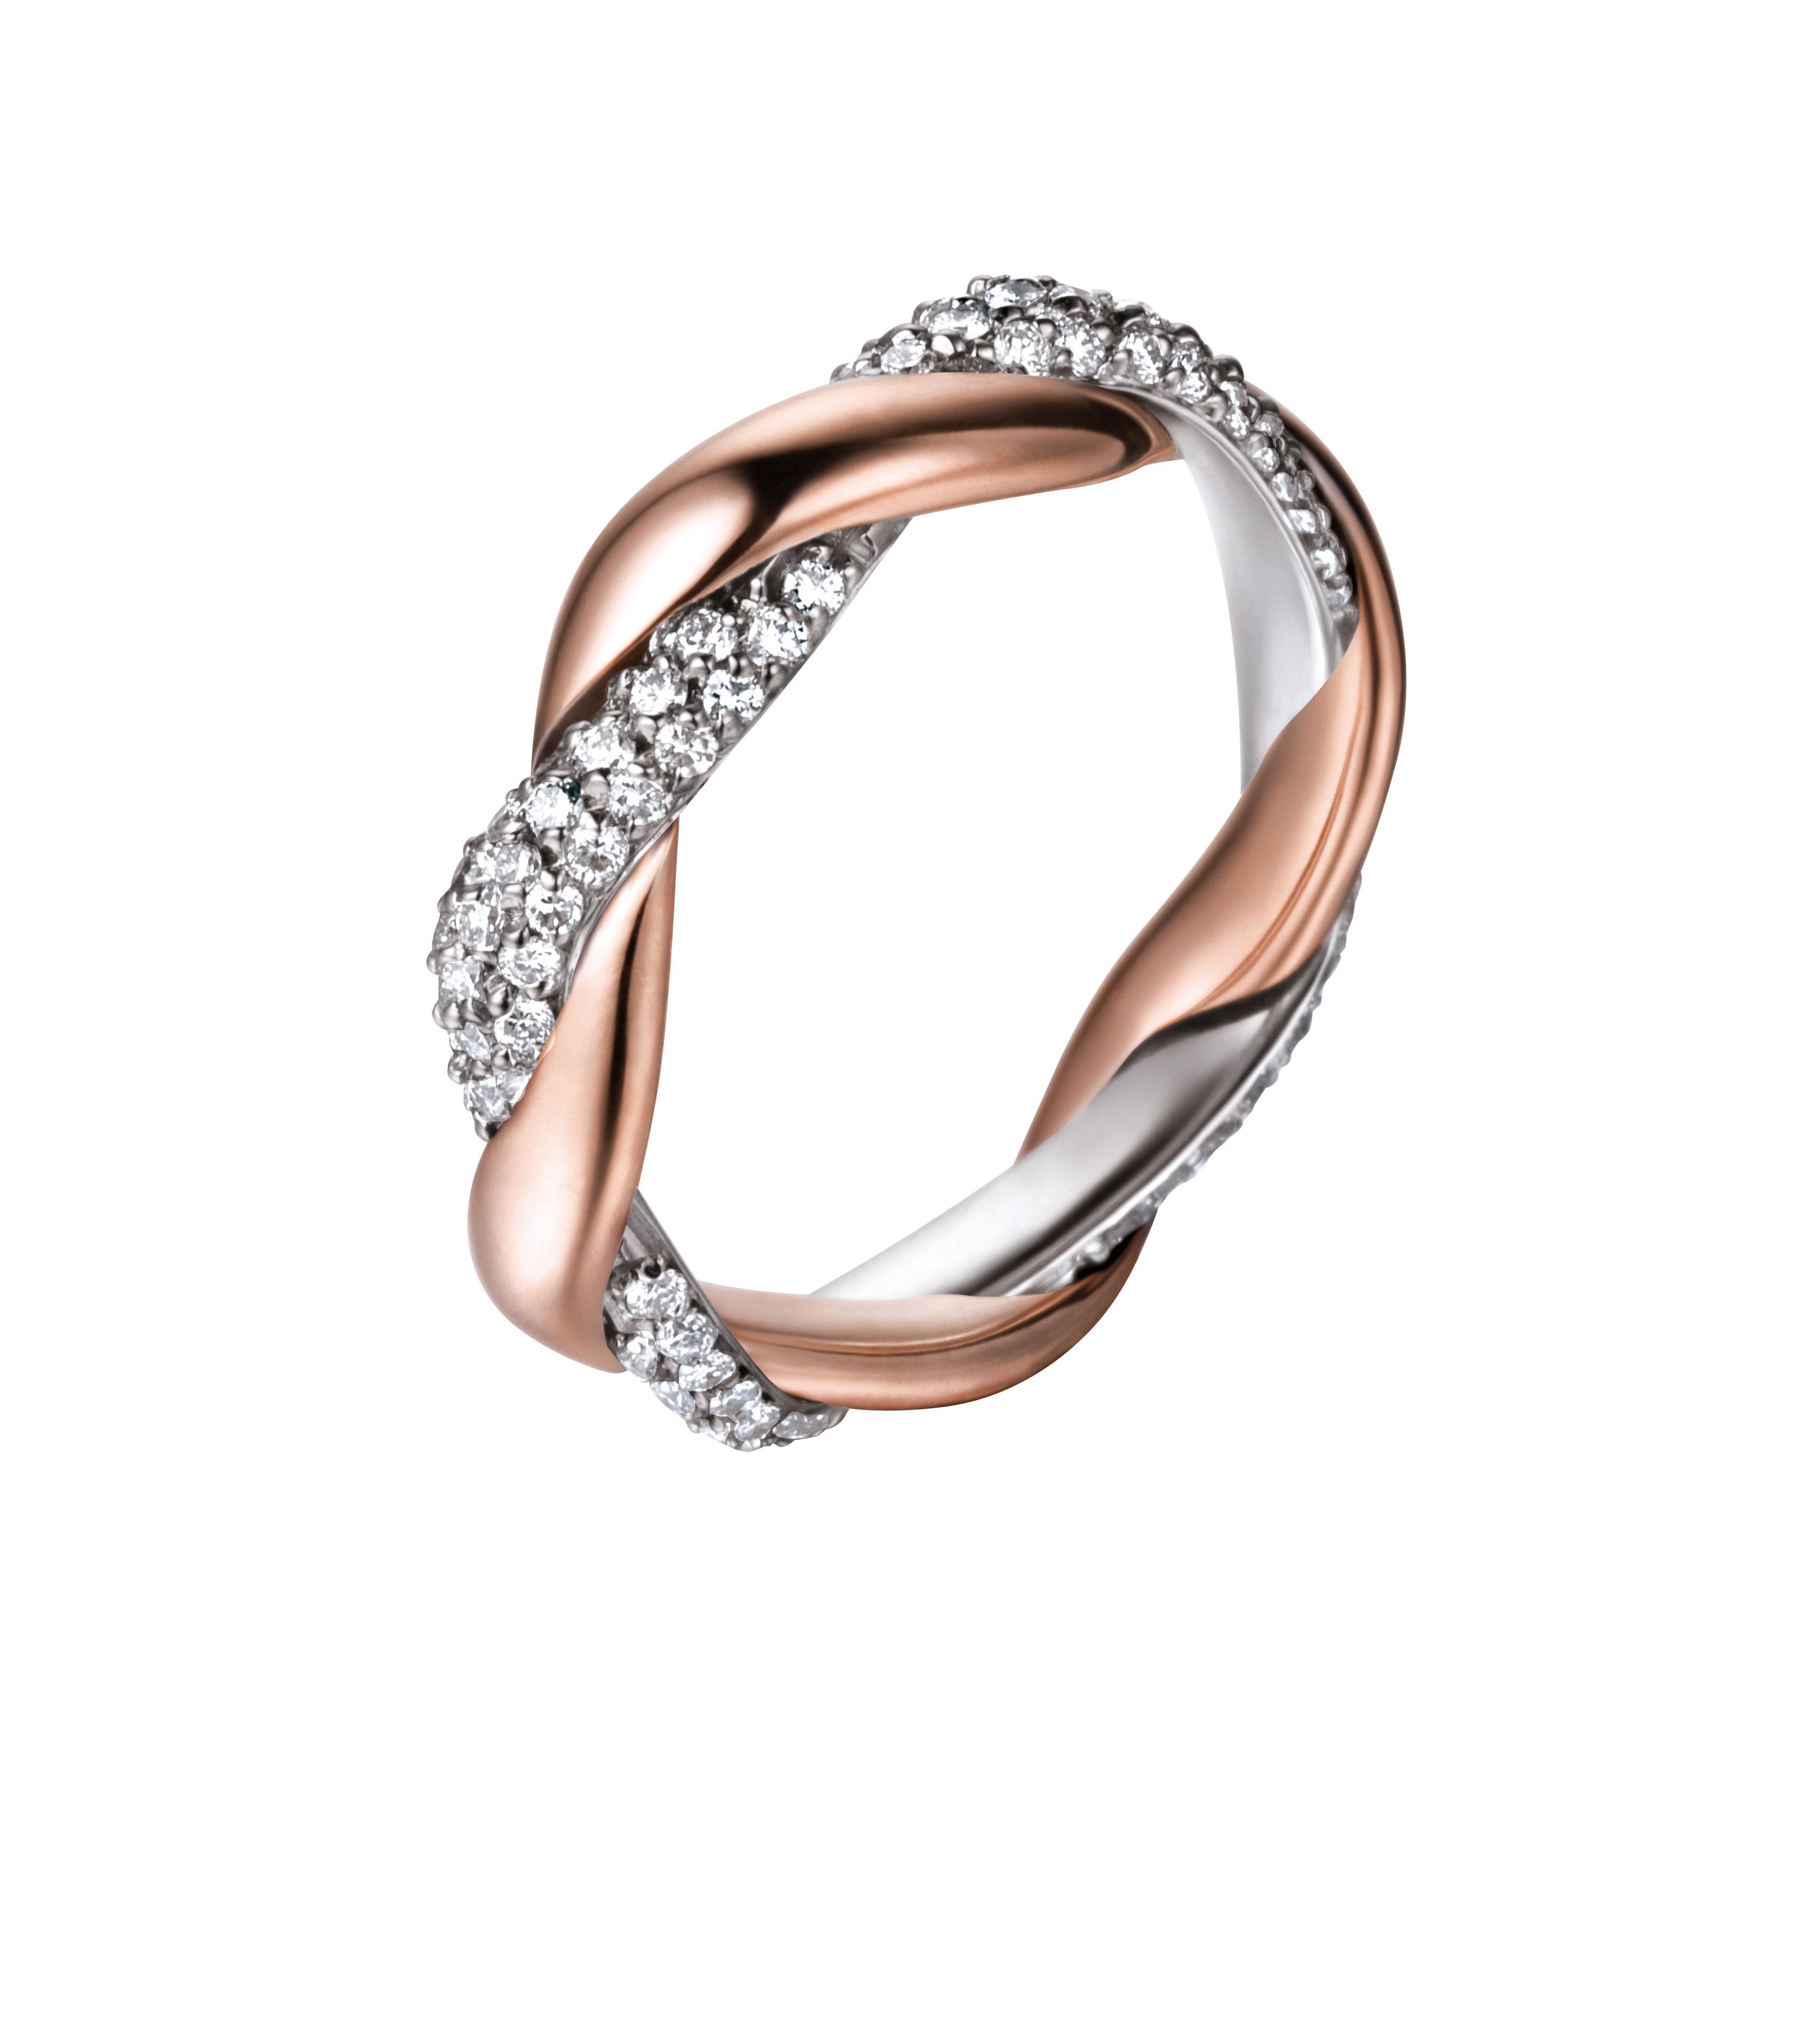 Inel din aur alb si roz cu diamante